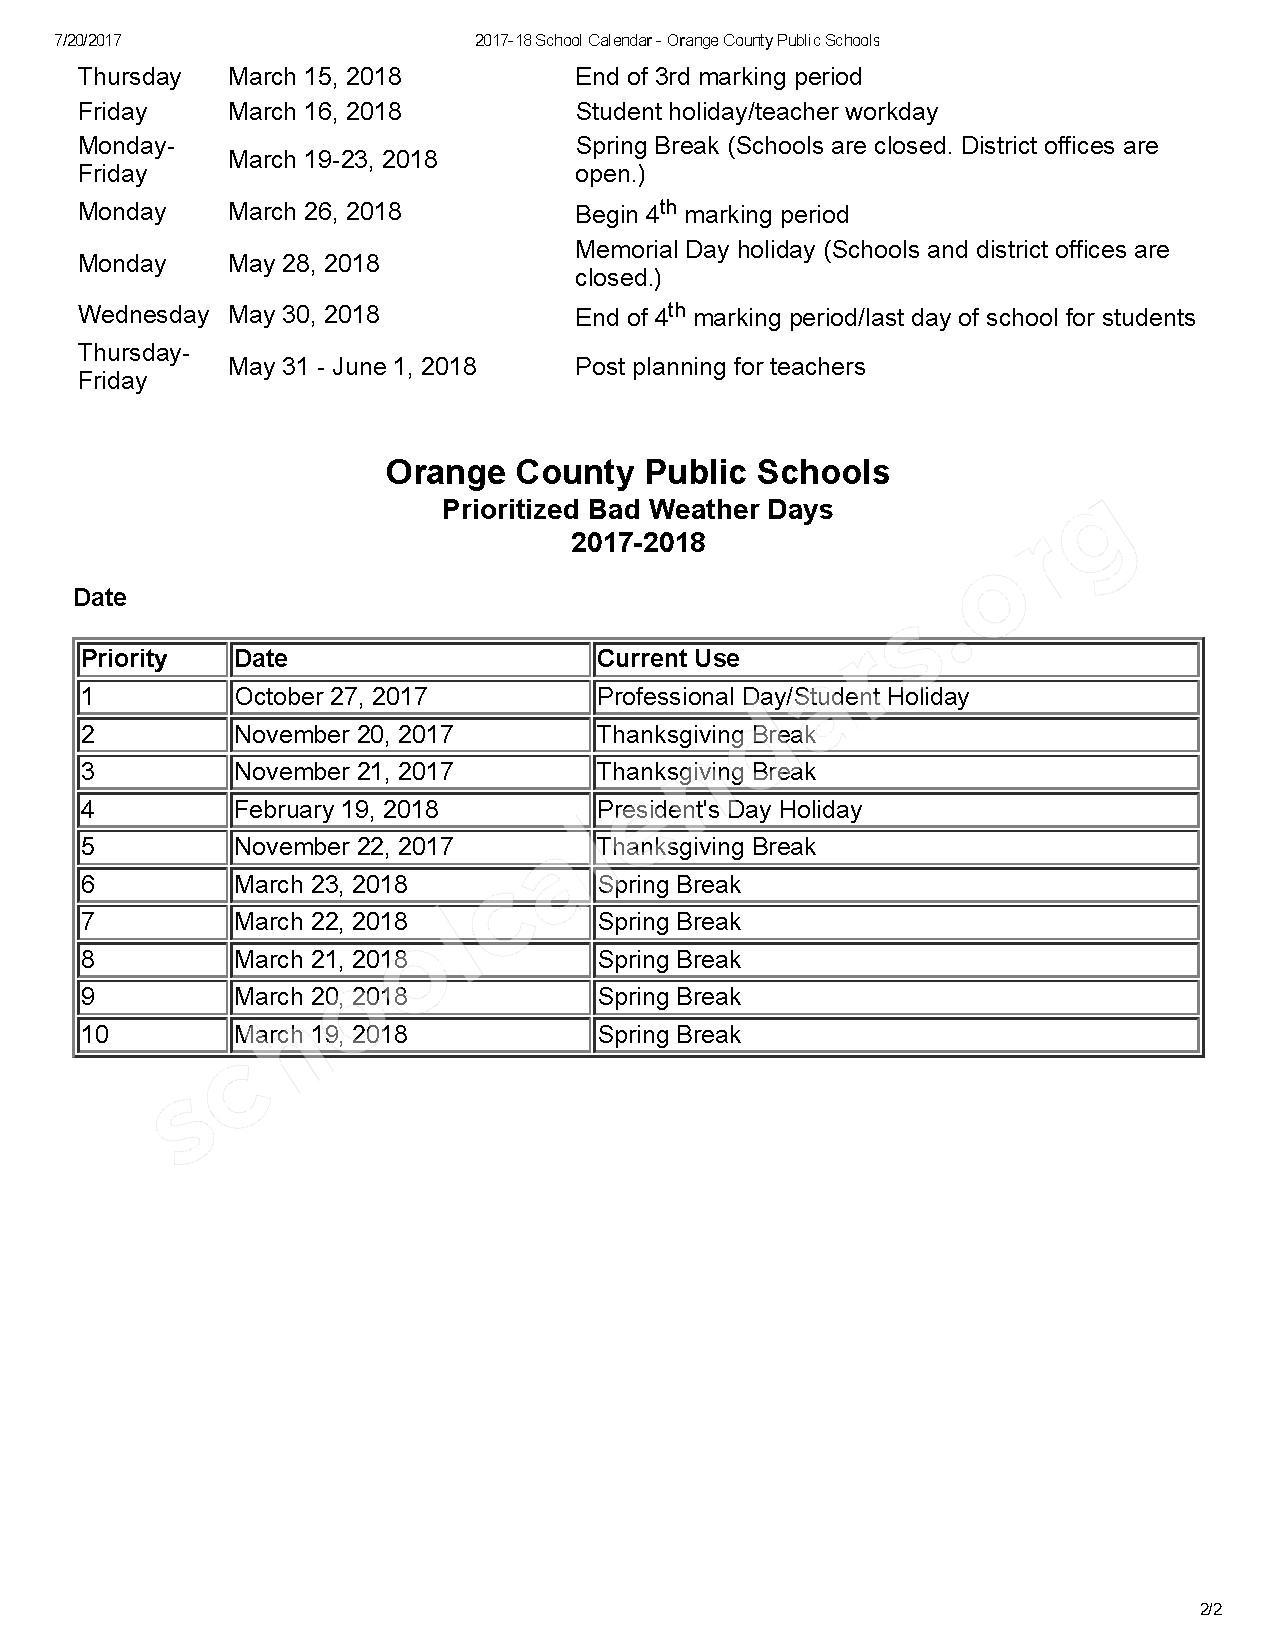 Shenandoah Elementary School Calendars – Orlando, Fl In Shenandoah County Public Schools Calendar